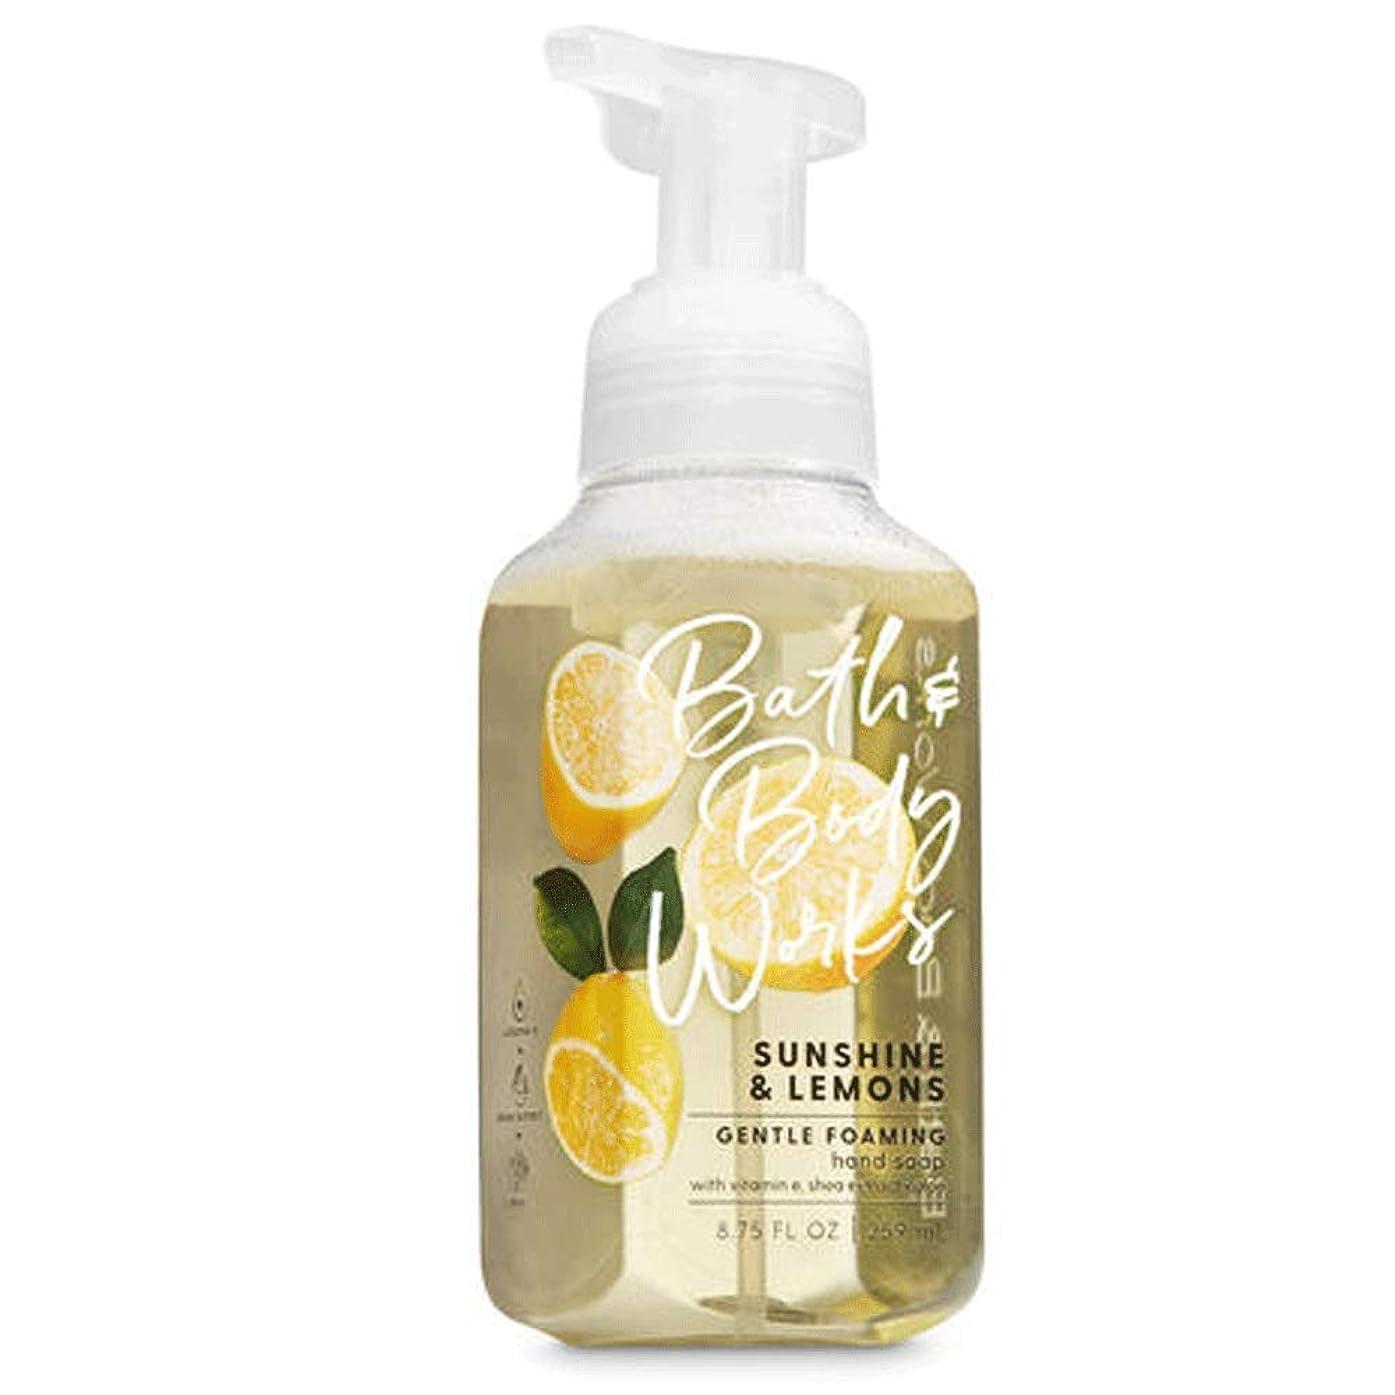 クレーンスポーツインポートバス&ボディワークス サンシャインレモン ジェントル フォーミング ハンドソープ Sunshine & Lemons Gentle Foaming Hand Soap